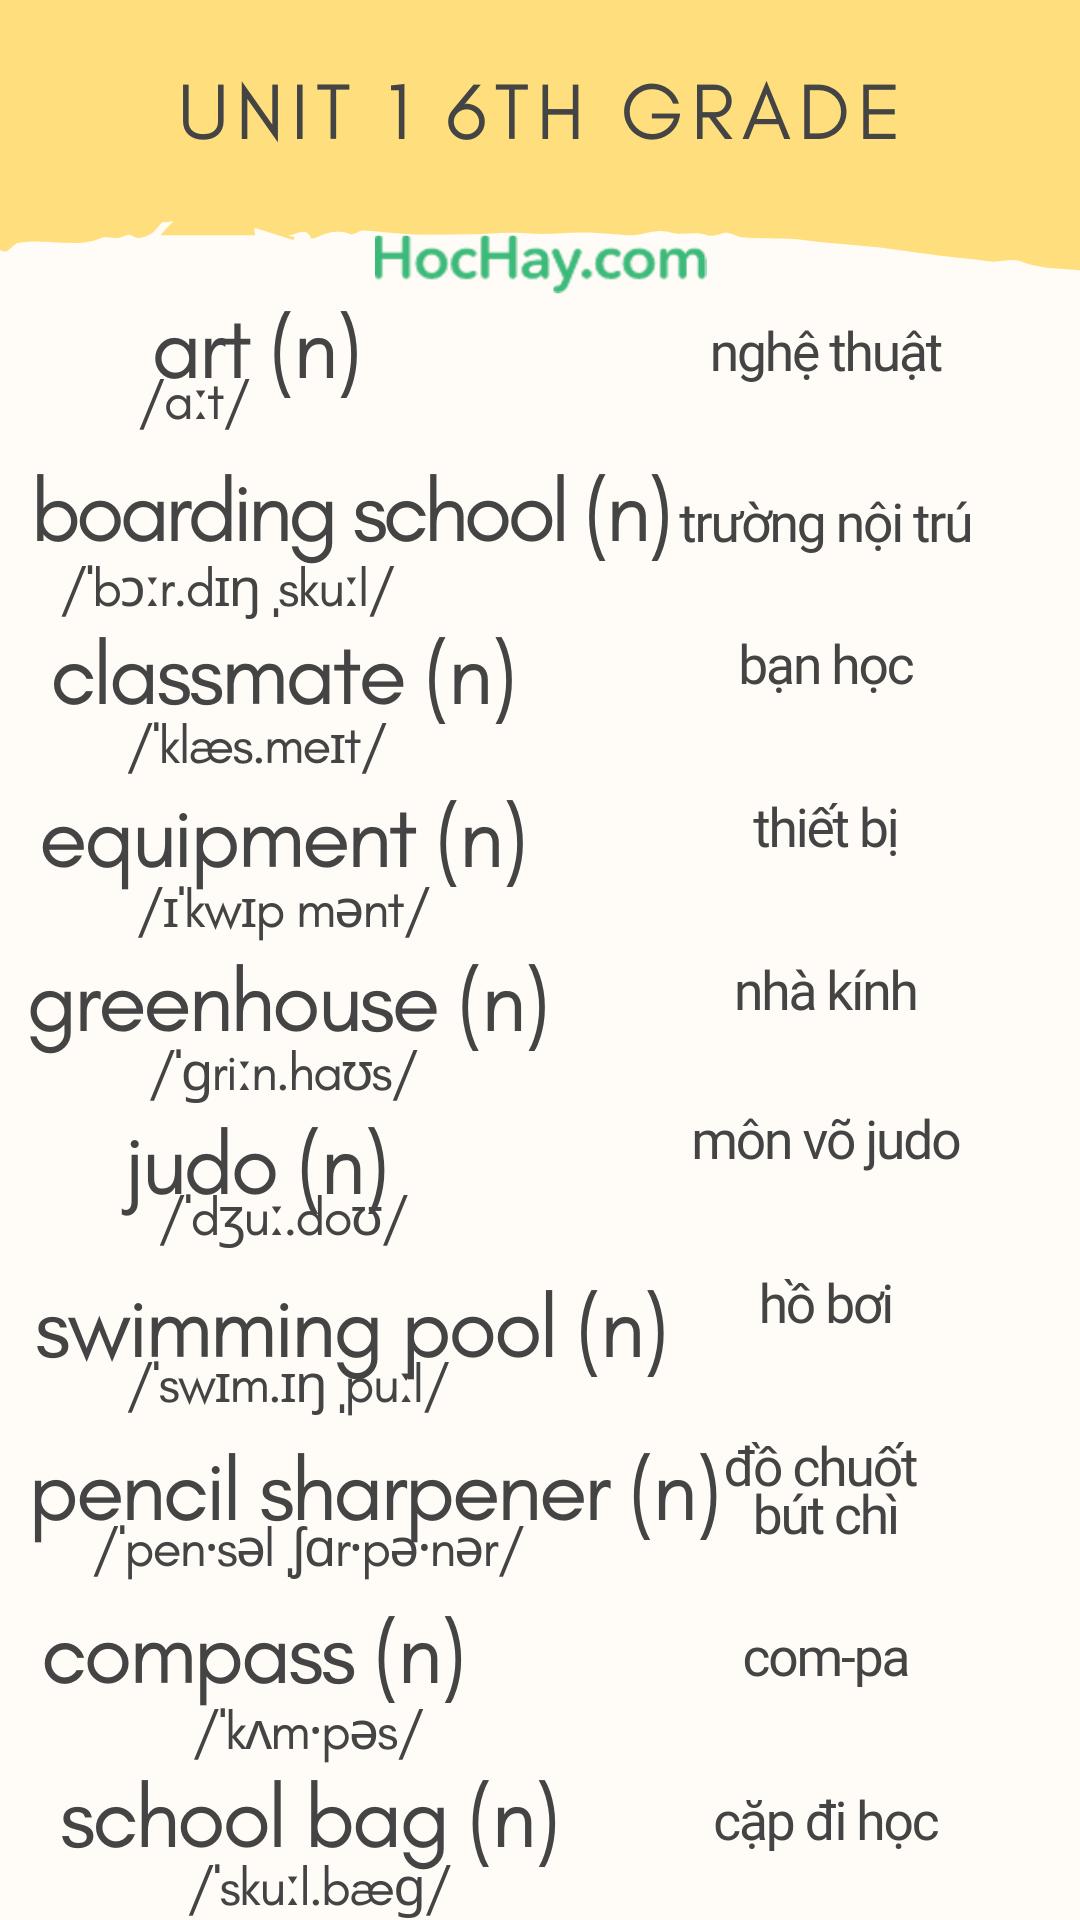 1 - 10 từ mới tiếng Anh lớp 6 Unit 1 - tải về bộ hình ảnh từ vựng tiếng Anh làm màn hình khóa - Learn English on Lockscreen